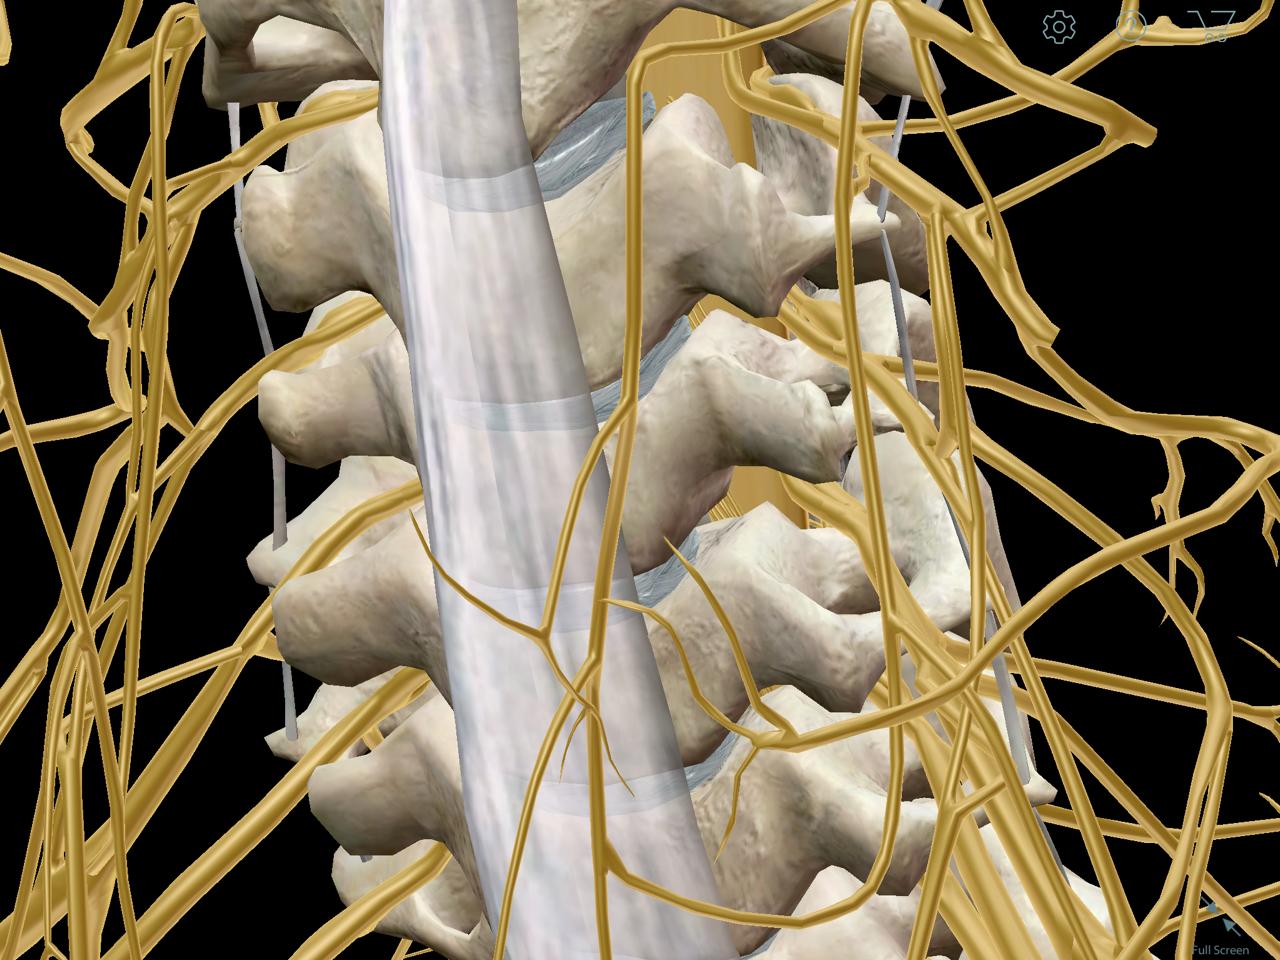 Cervical vertebrae and peripheral nerves